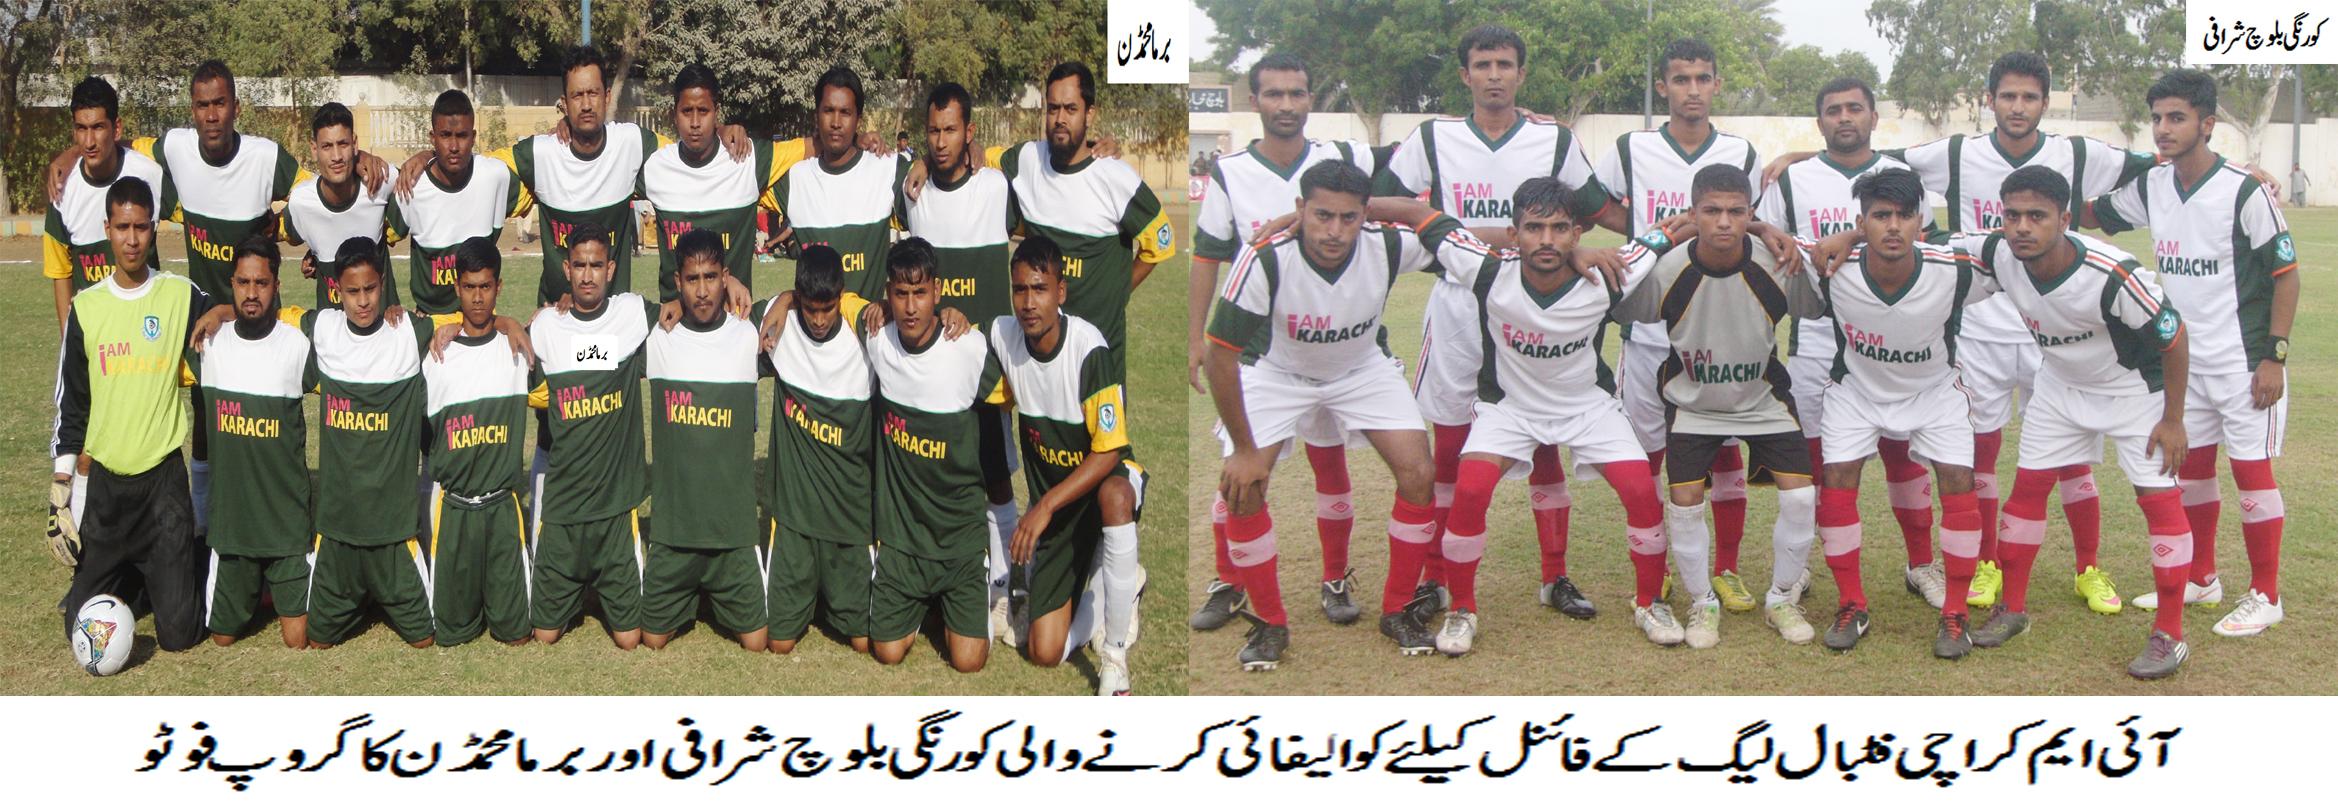 Burma & Korangi Baloch will clash in I am Karachi League – Final